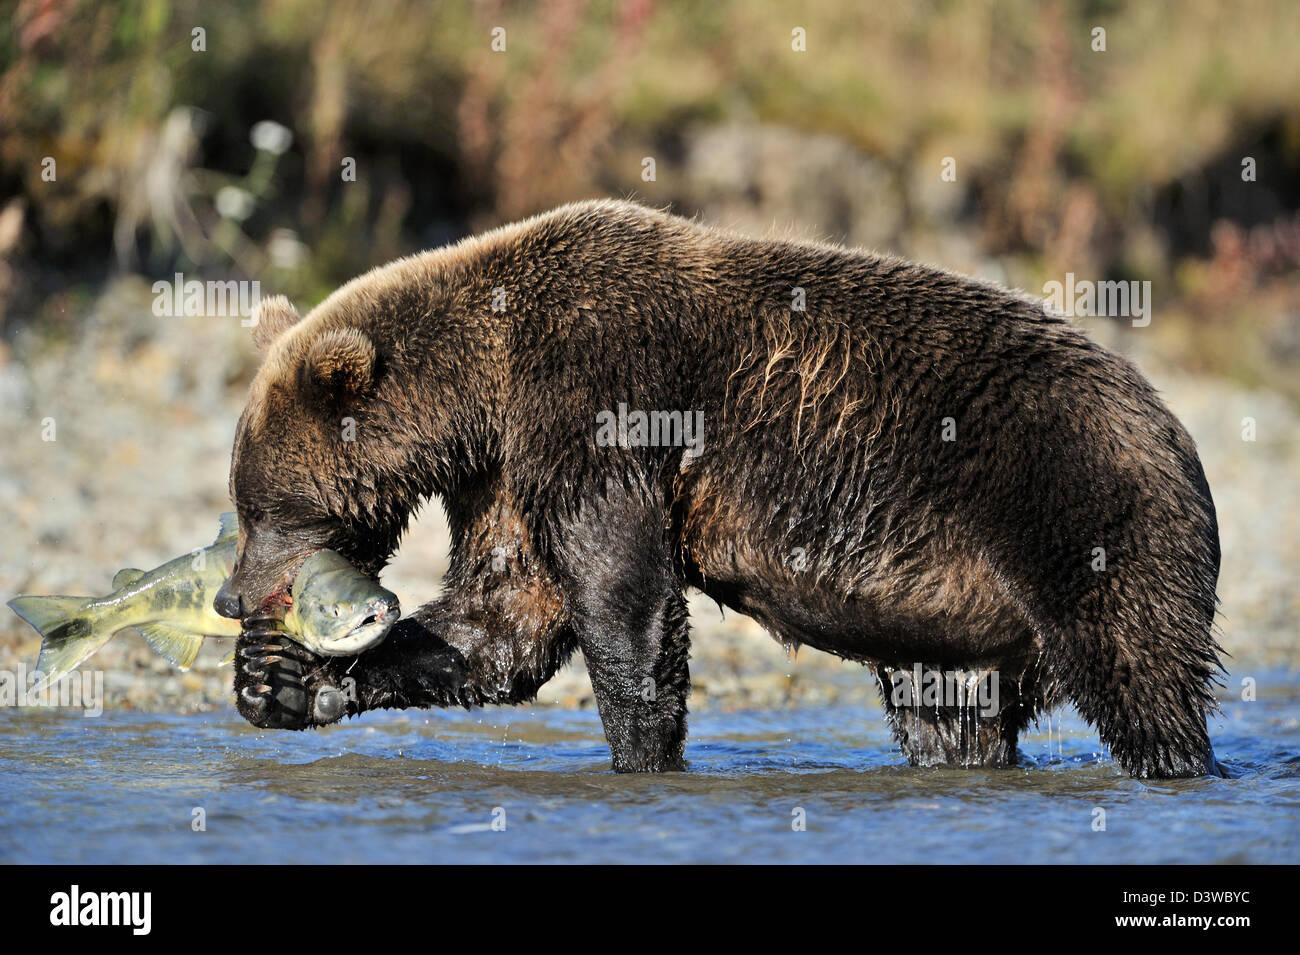 Grizzly Bear (Ursus arctos horribilis) catching a salmon, Katmai national park, Alaska, USA. - Stock Image